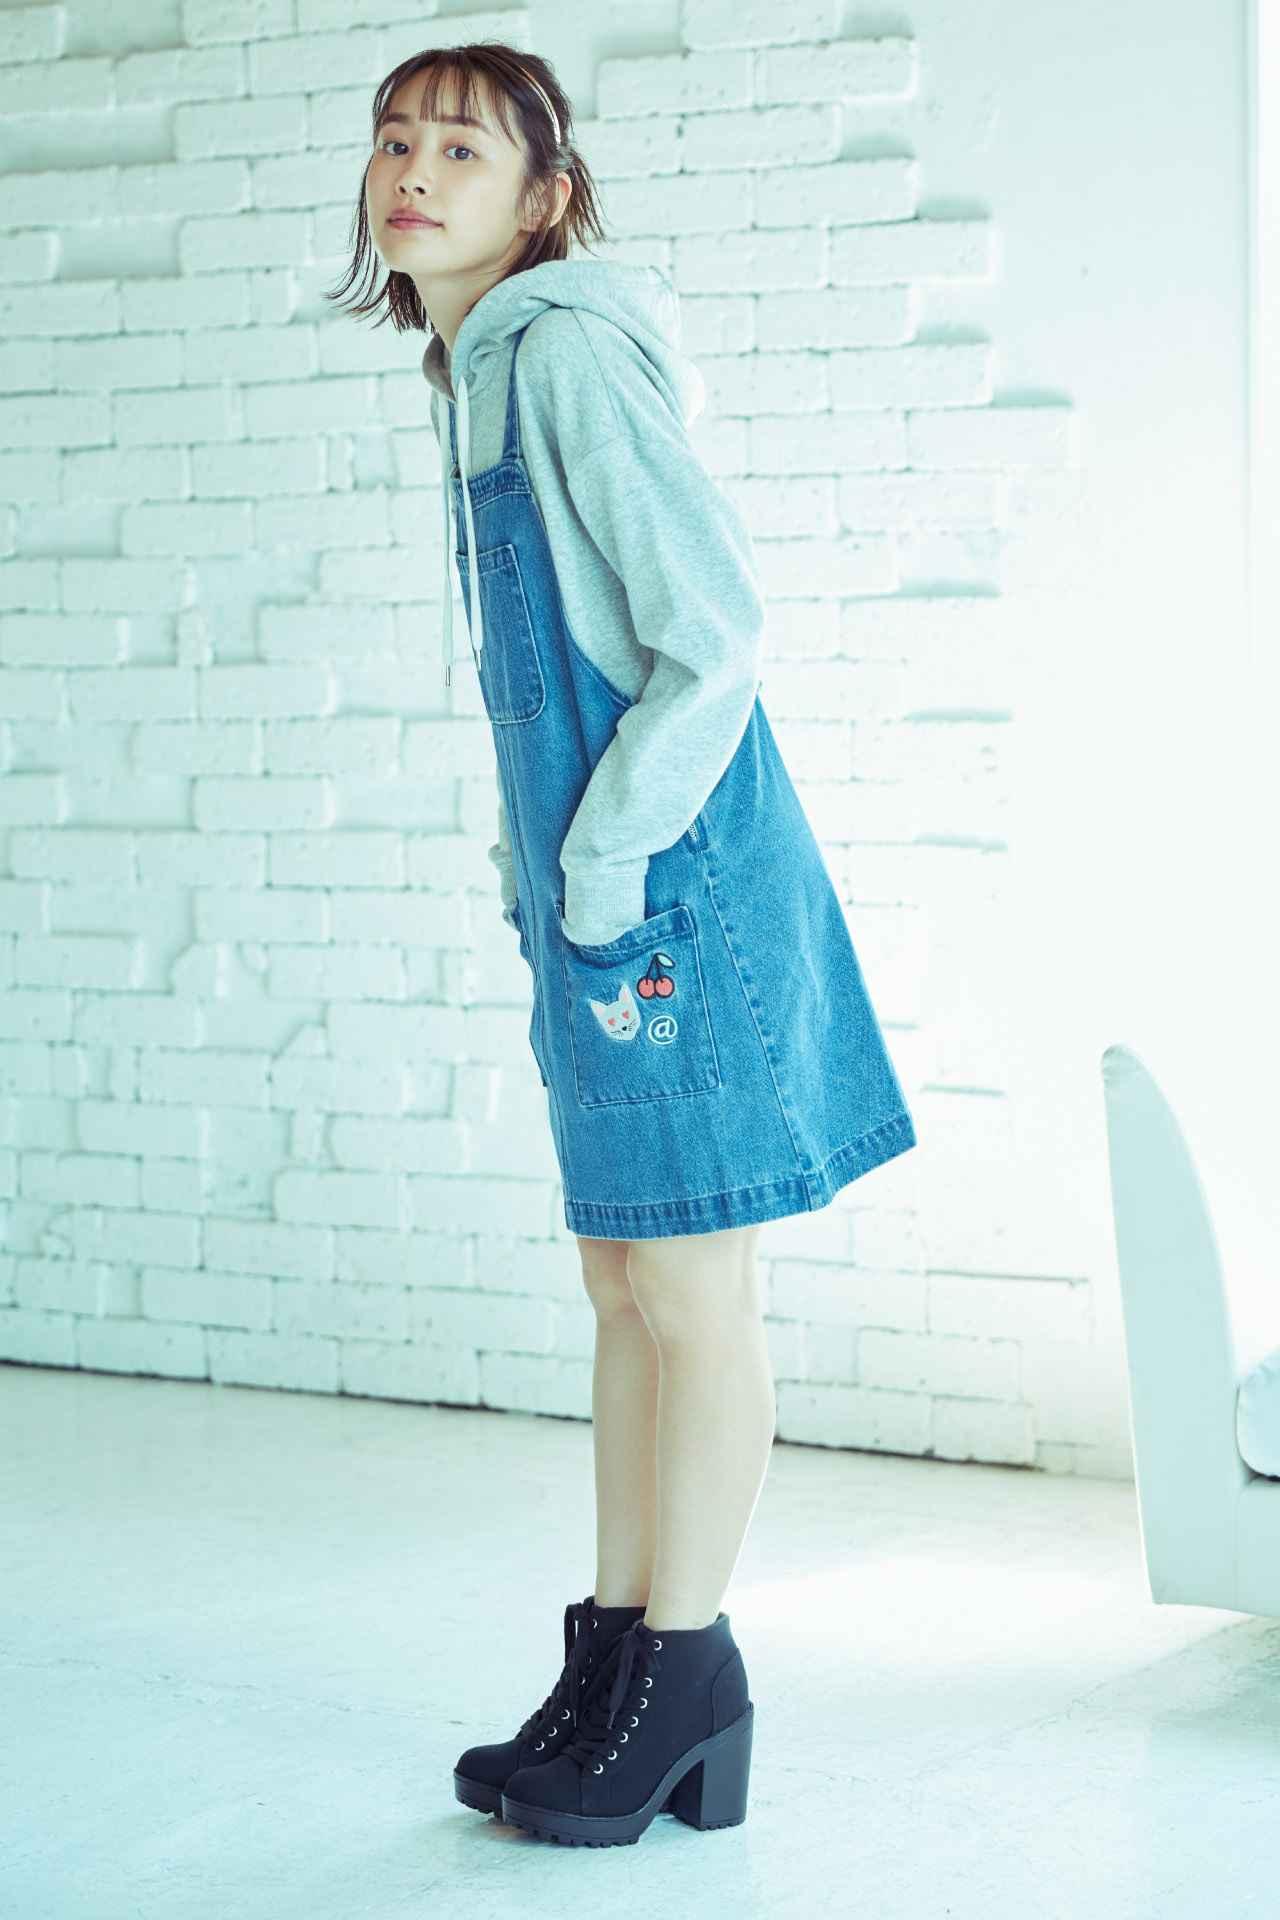 画像: オーバーサイズのデニムサロペットスカートはバッククロスで丈が短めなキュートなデザイン。 カジュアルなグレーパーカを合せて足元は辛口にスタイリング。